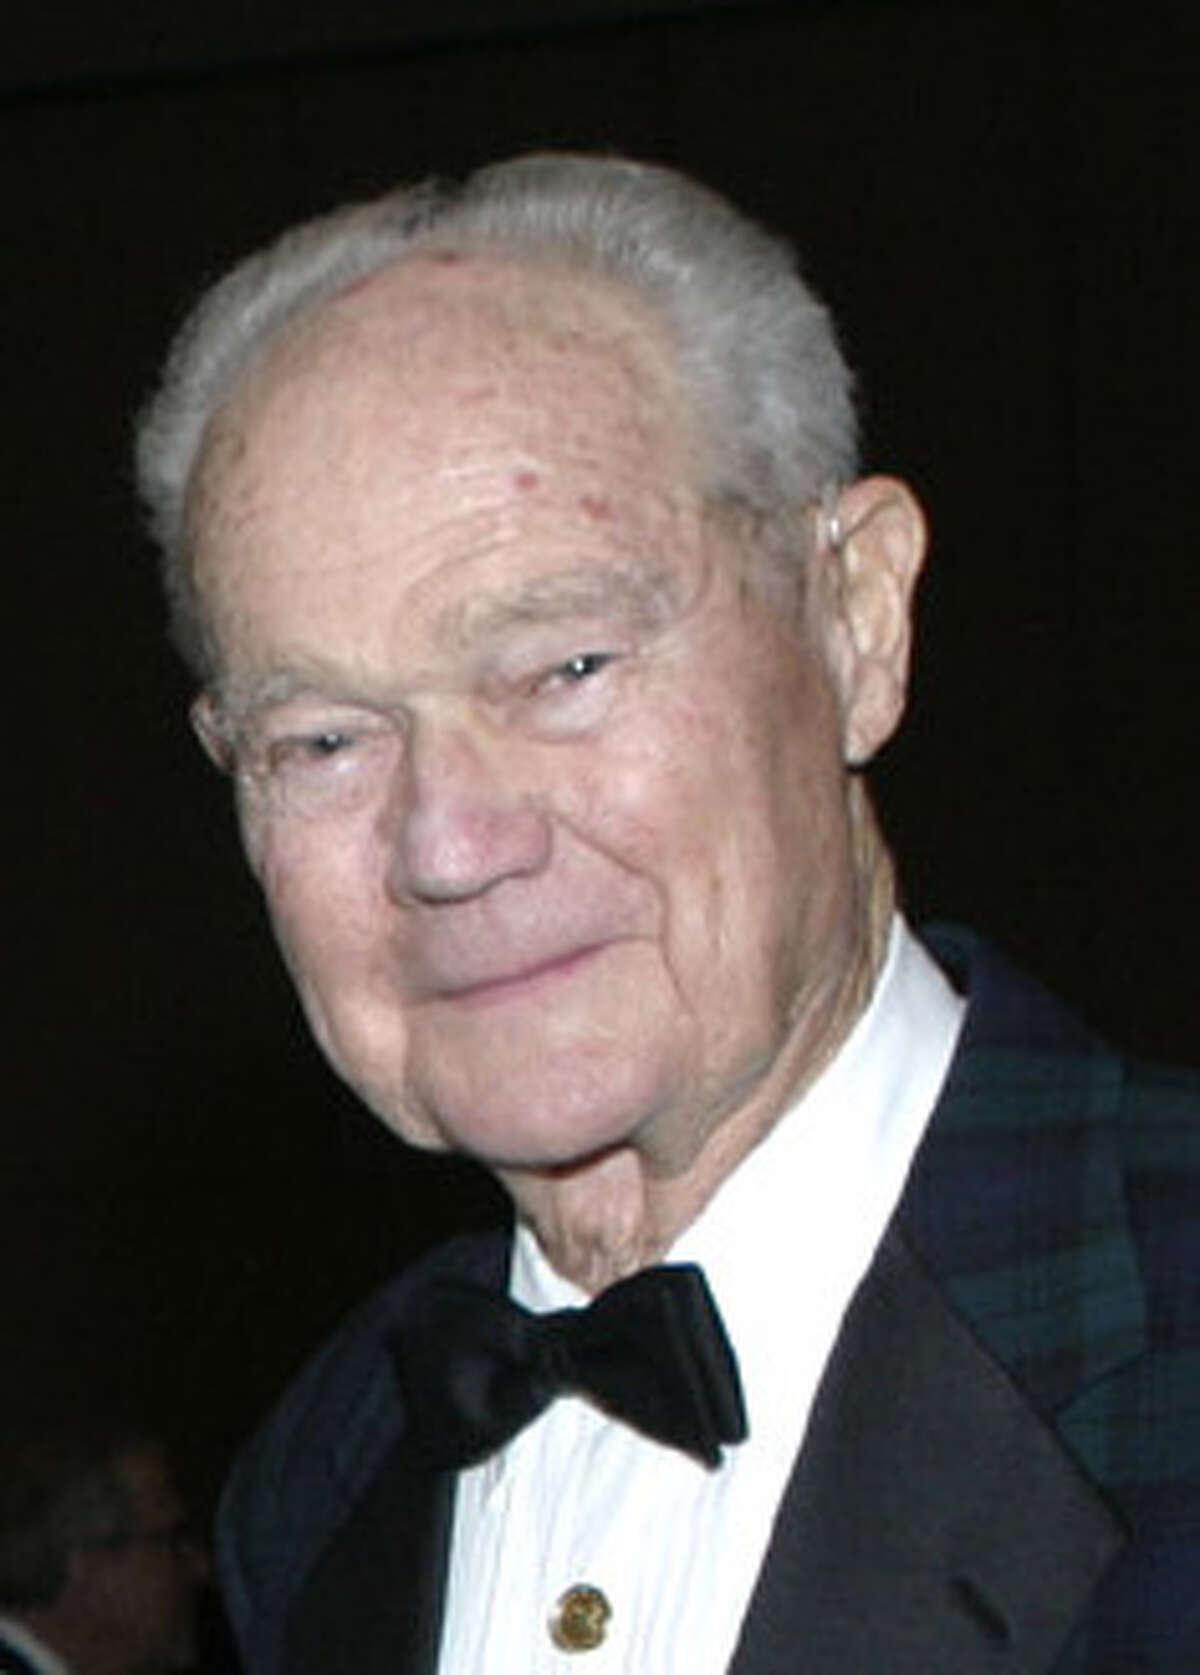 Louis Herbert Stumberg also had been mayor of Terrell Hills.